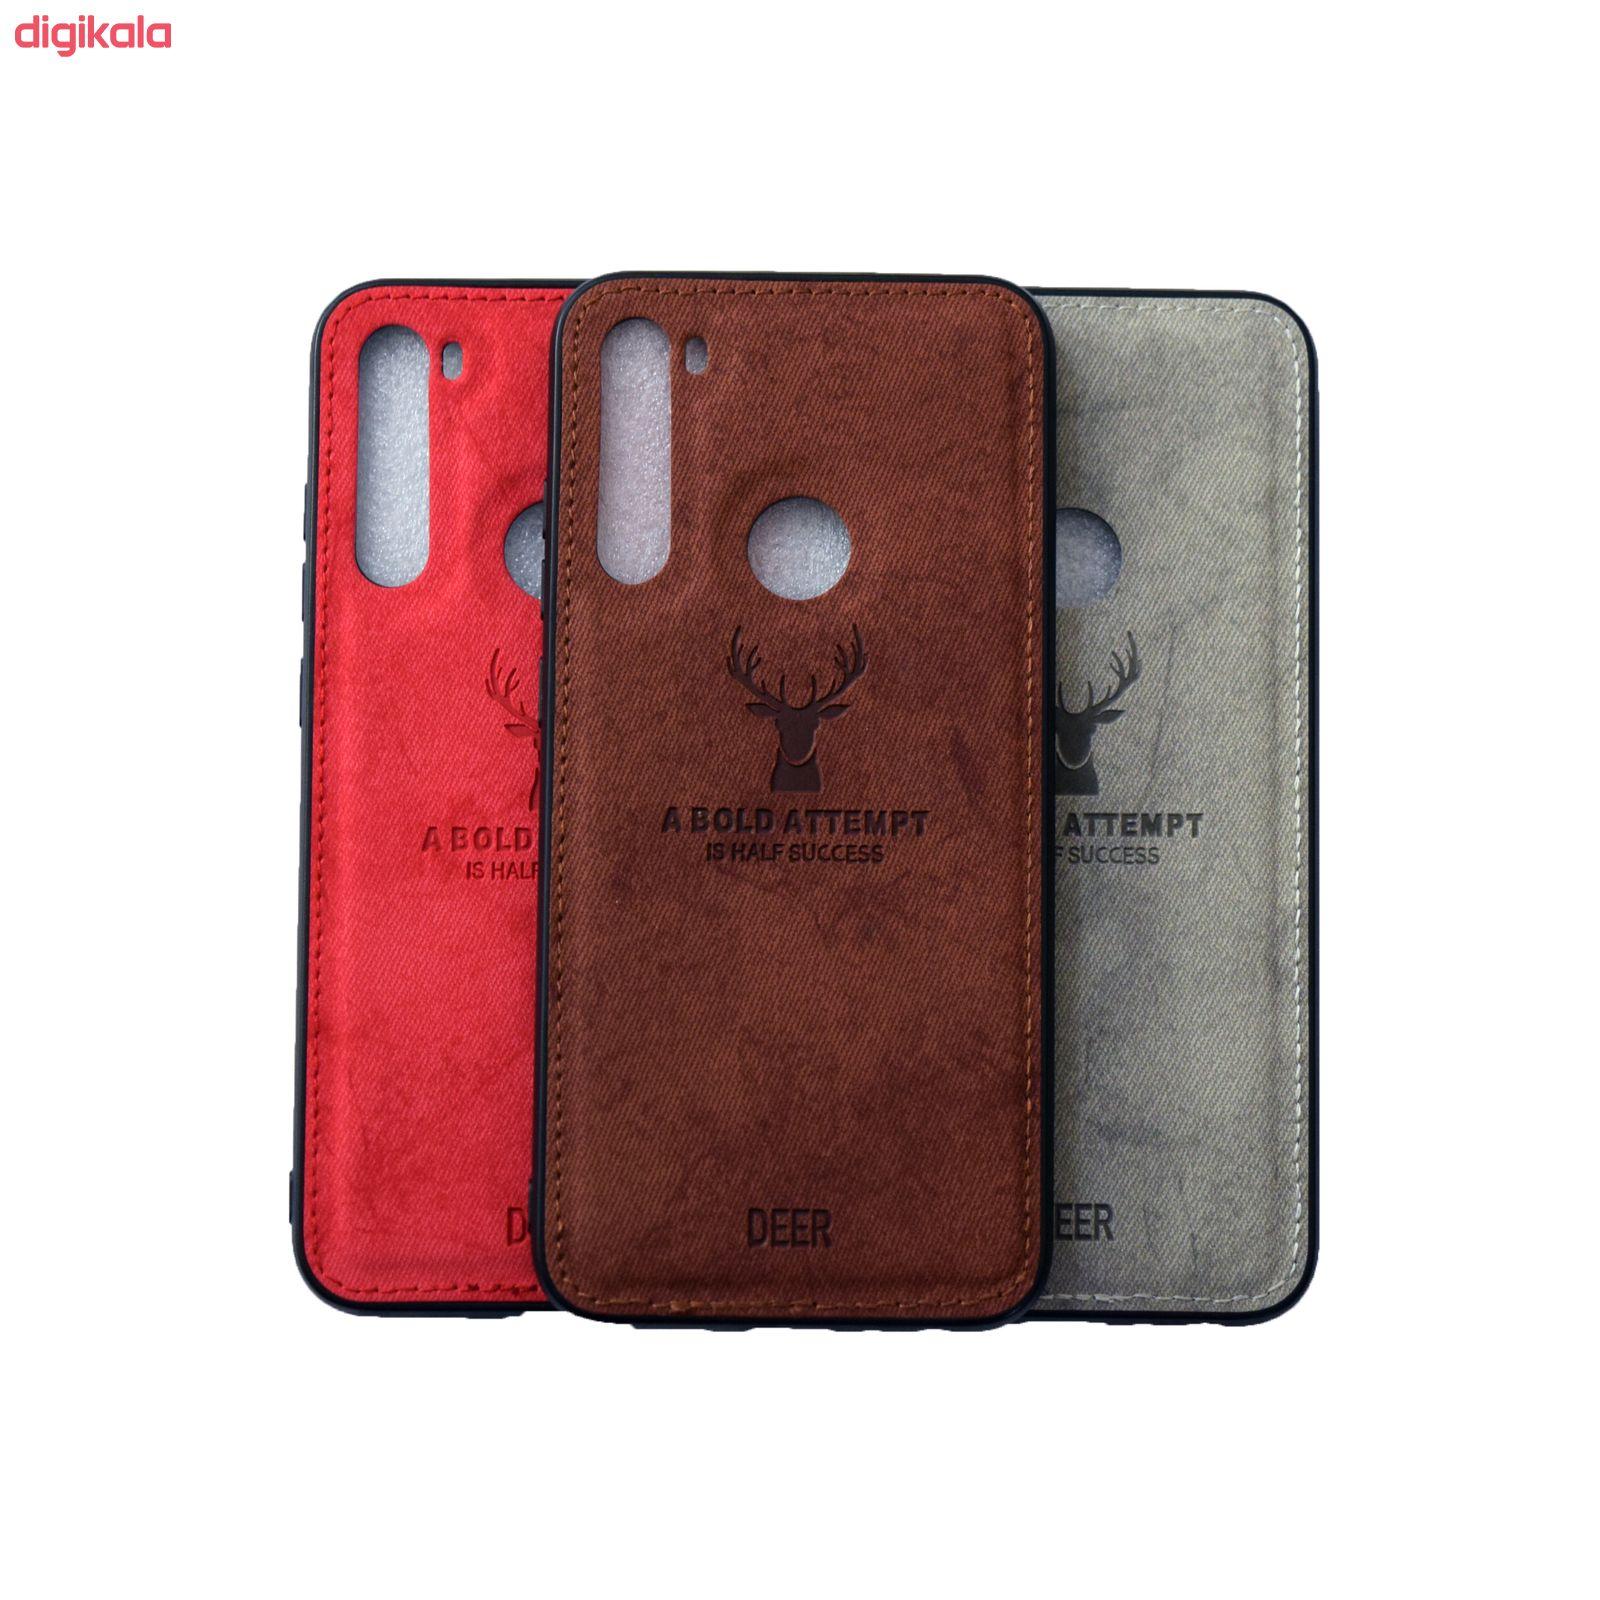 کاور مدل DR20 مناسب برای گوشی موبایل شیائومی Redmi Note 8